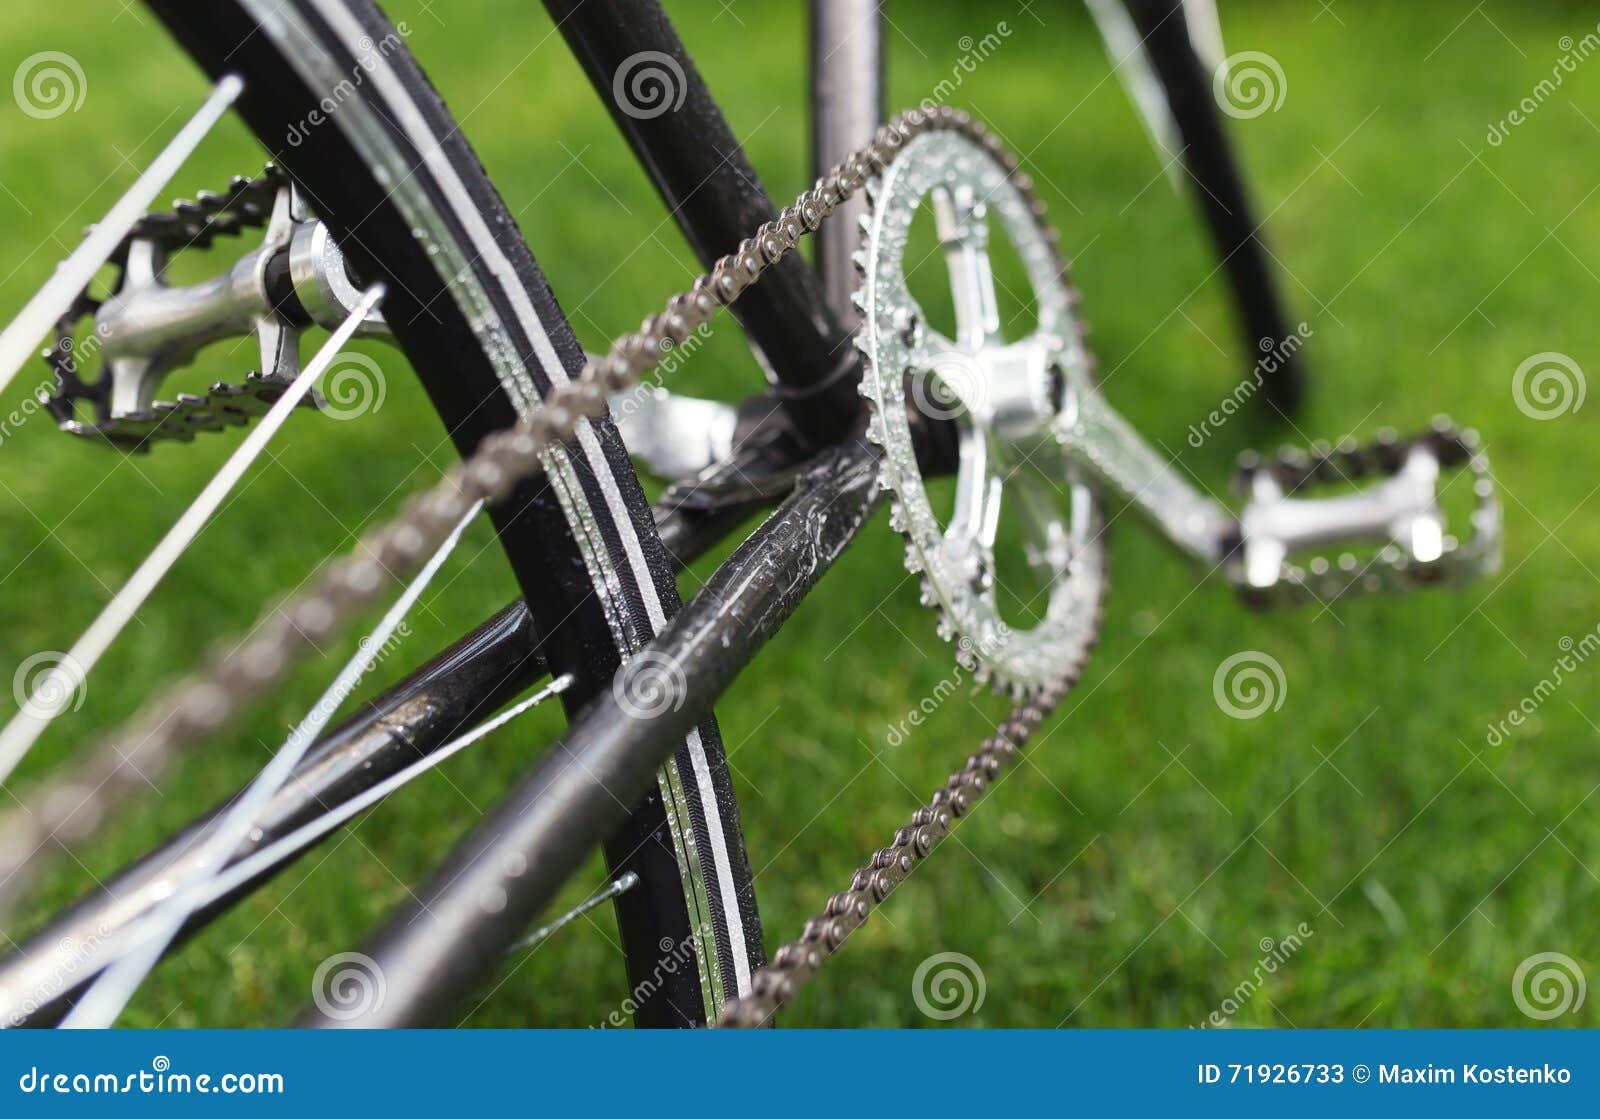 Классическое фото конца-вверх велосипеда дороги в поле луга зеленой травы лета предпосылка больше моего перемещения портфолио